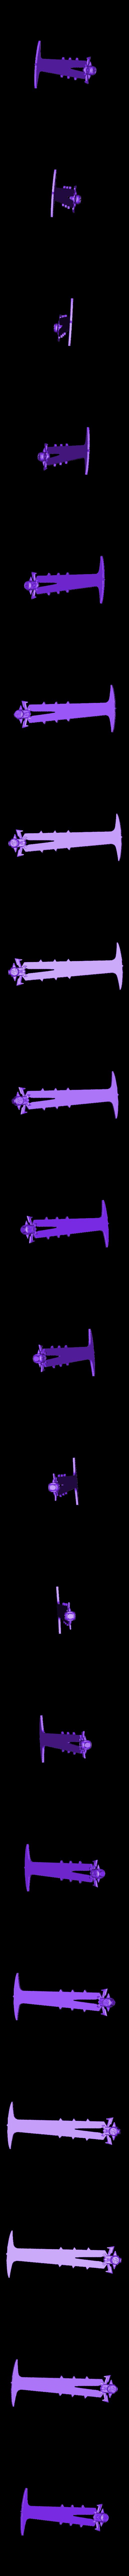 Sword2.stl Télécharger fichier STL TUEUR À GAGES • Objet à imprimer en 3D, freeclimbingbo